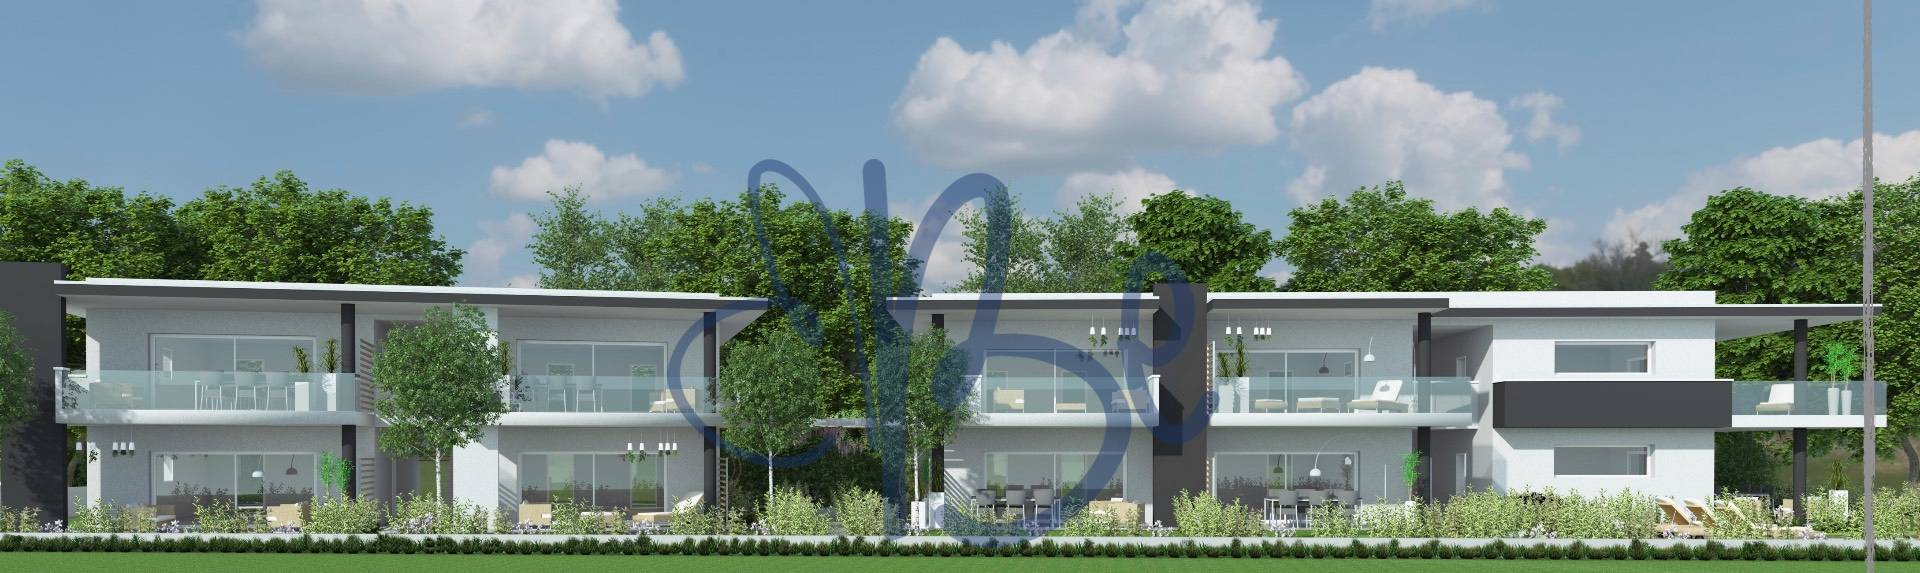 Appartamento in vendita a San Felice del Benaco, 3 locali, prezzo € 415.000   CambioCasa.it